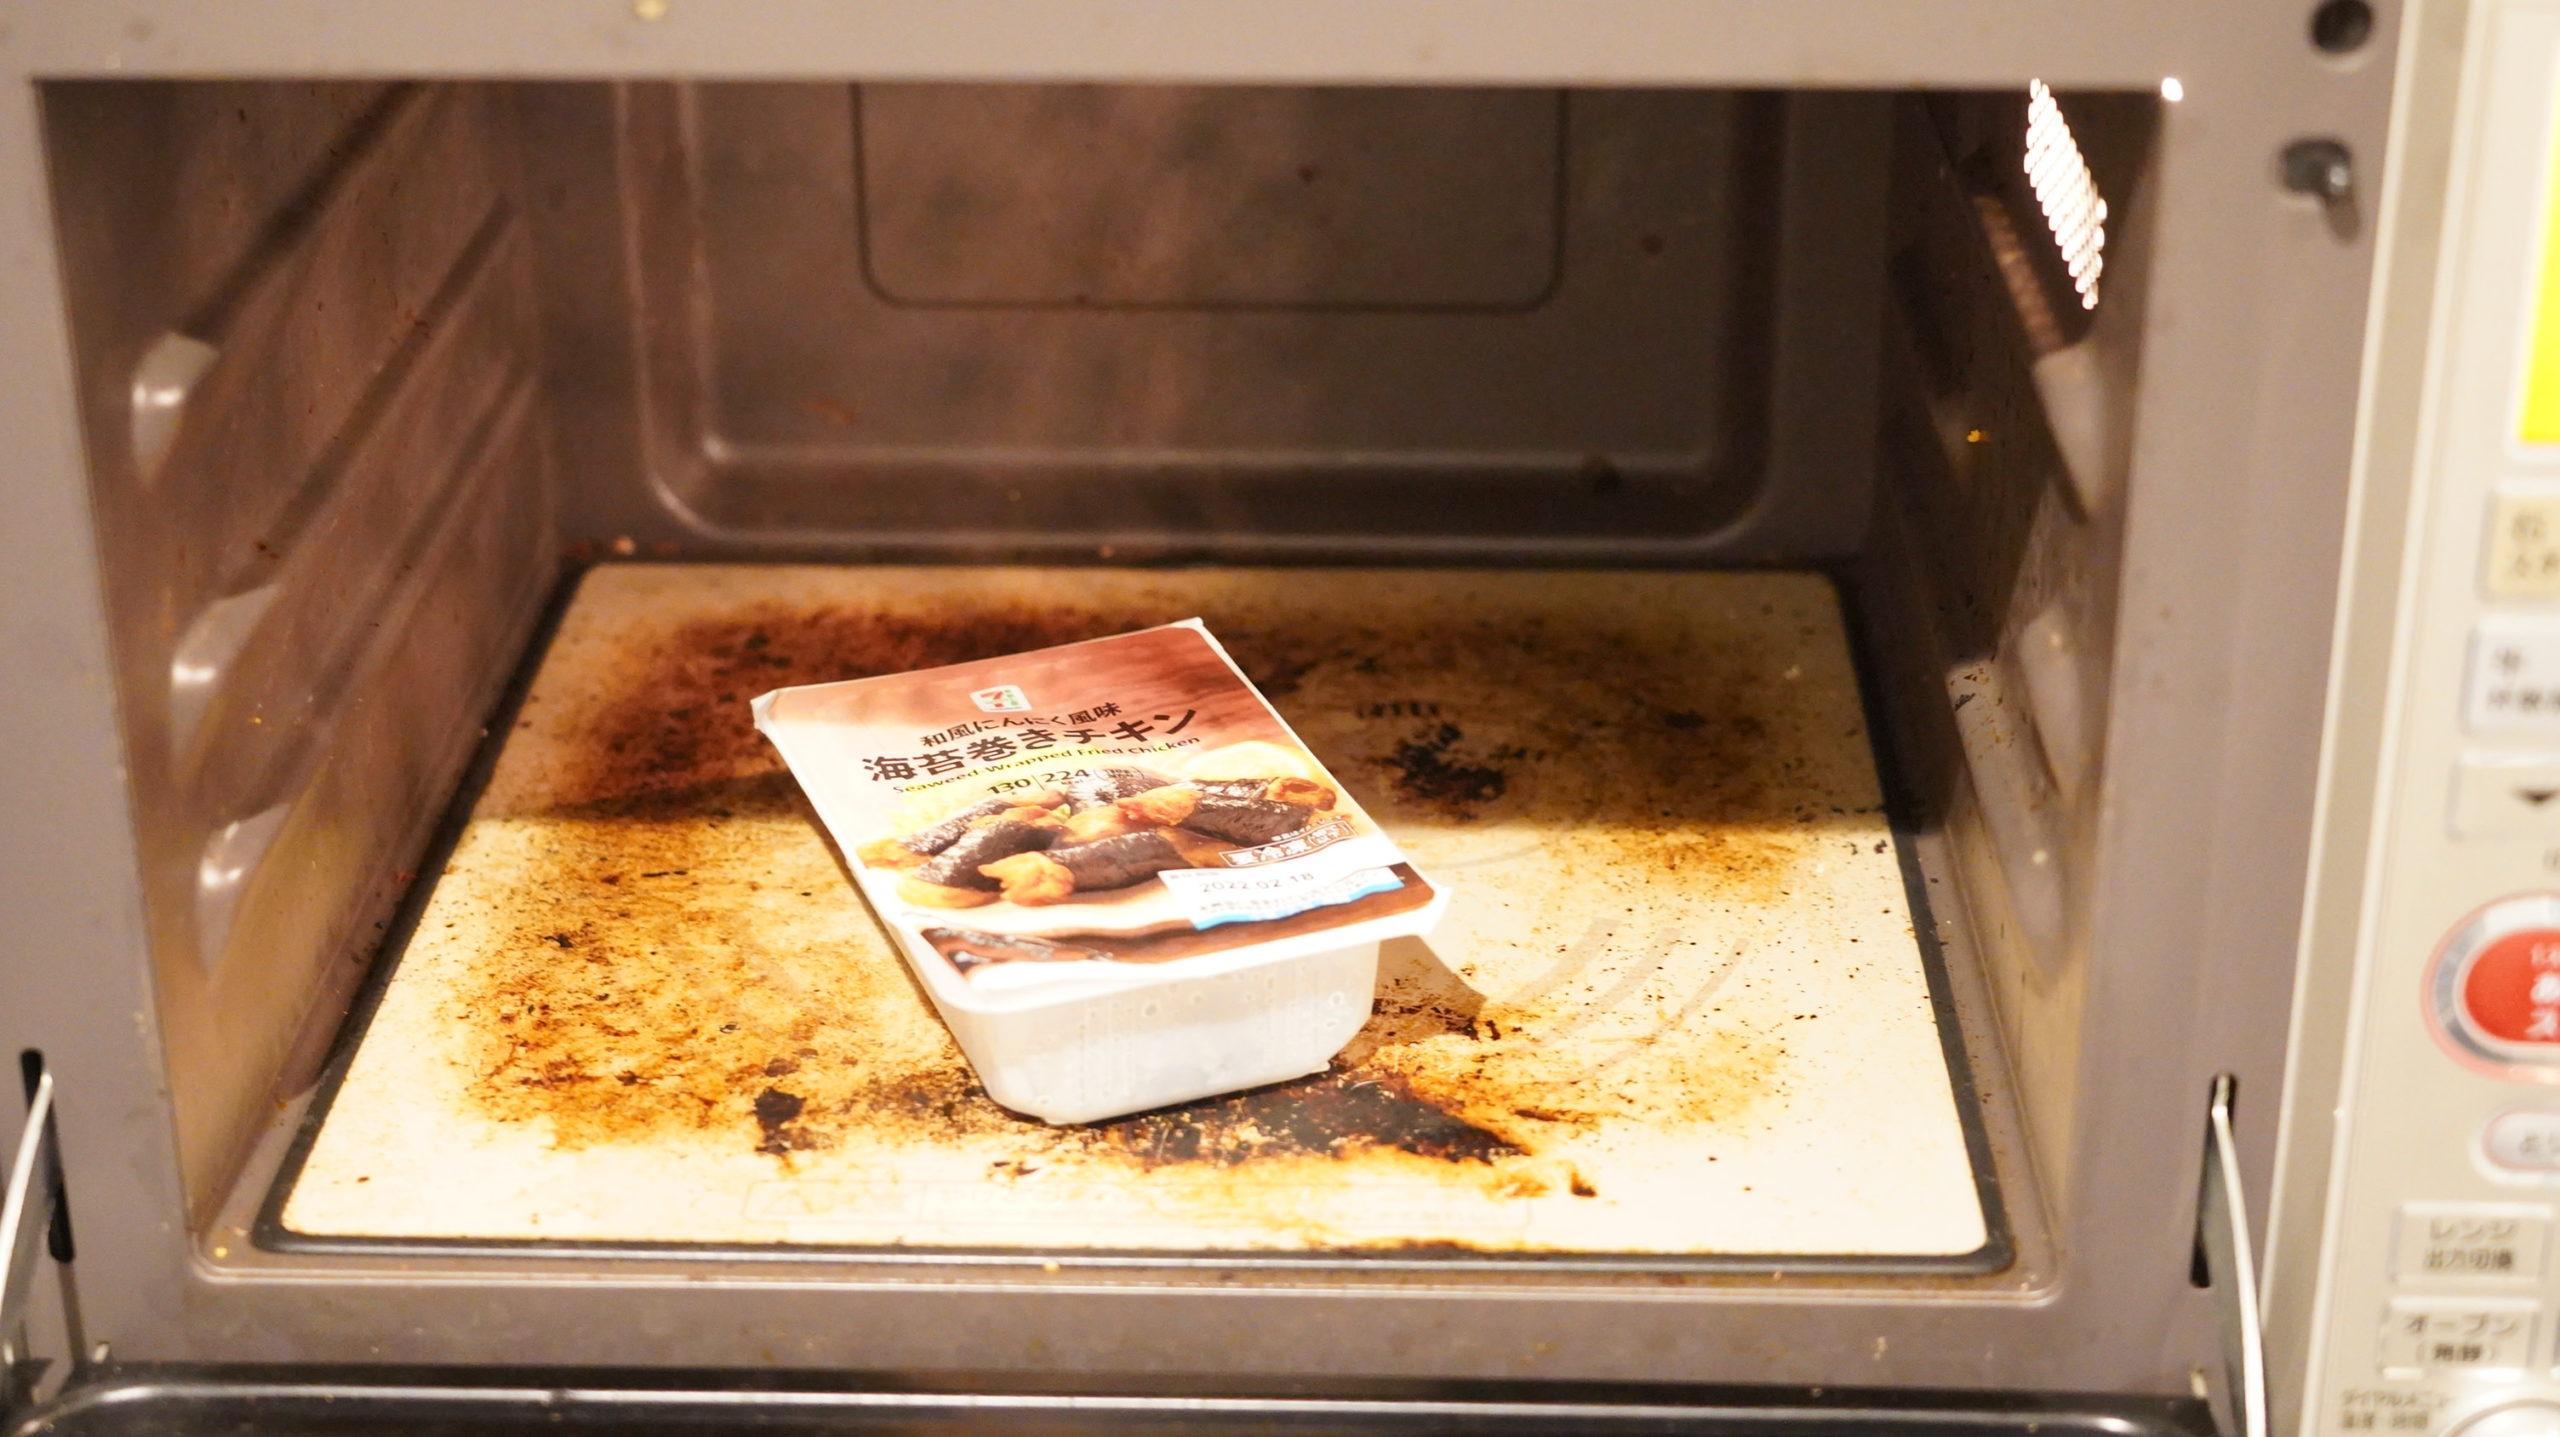 セブンイレブンの冷凍食品「和風にんにく風味・海苔巻きチキン」を電子レンジで加熱している写真